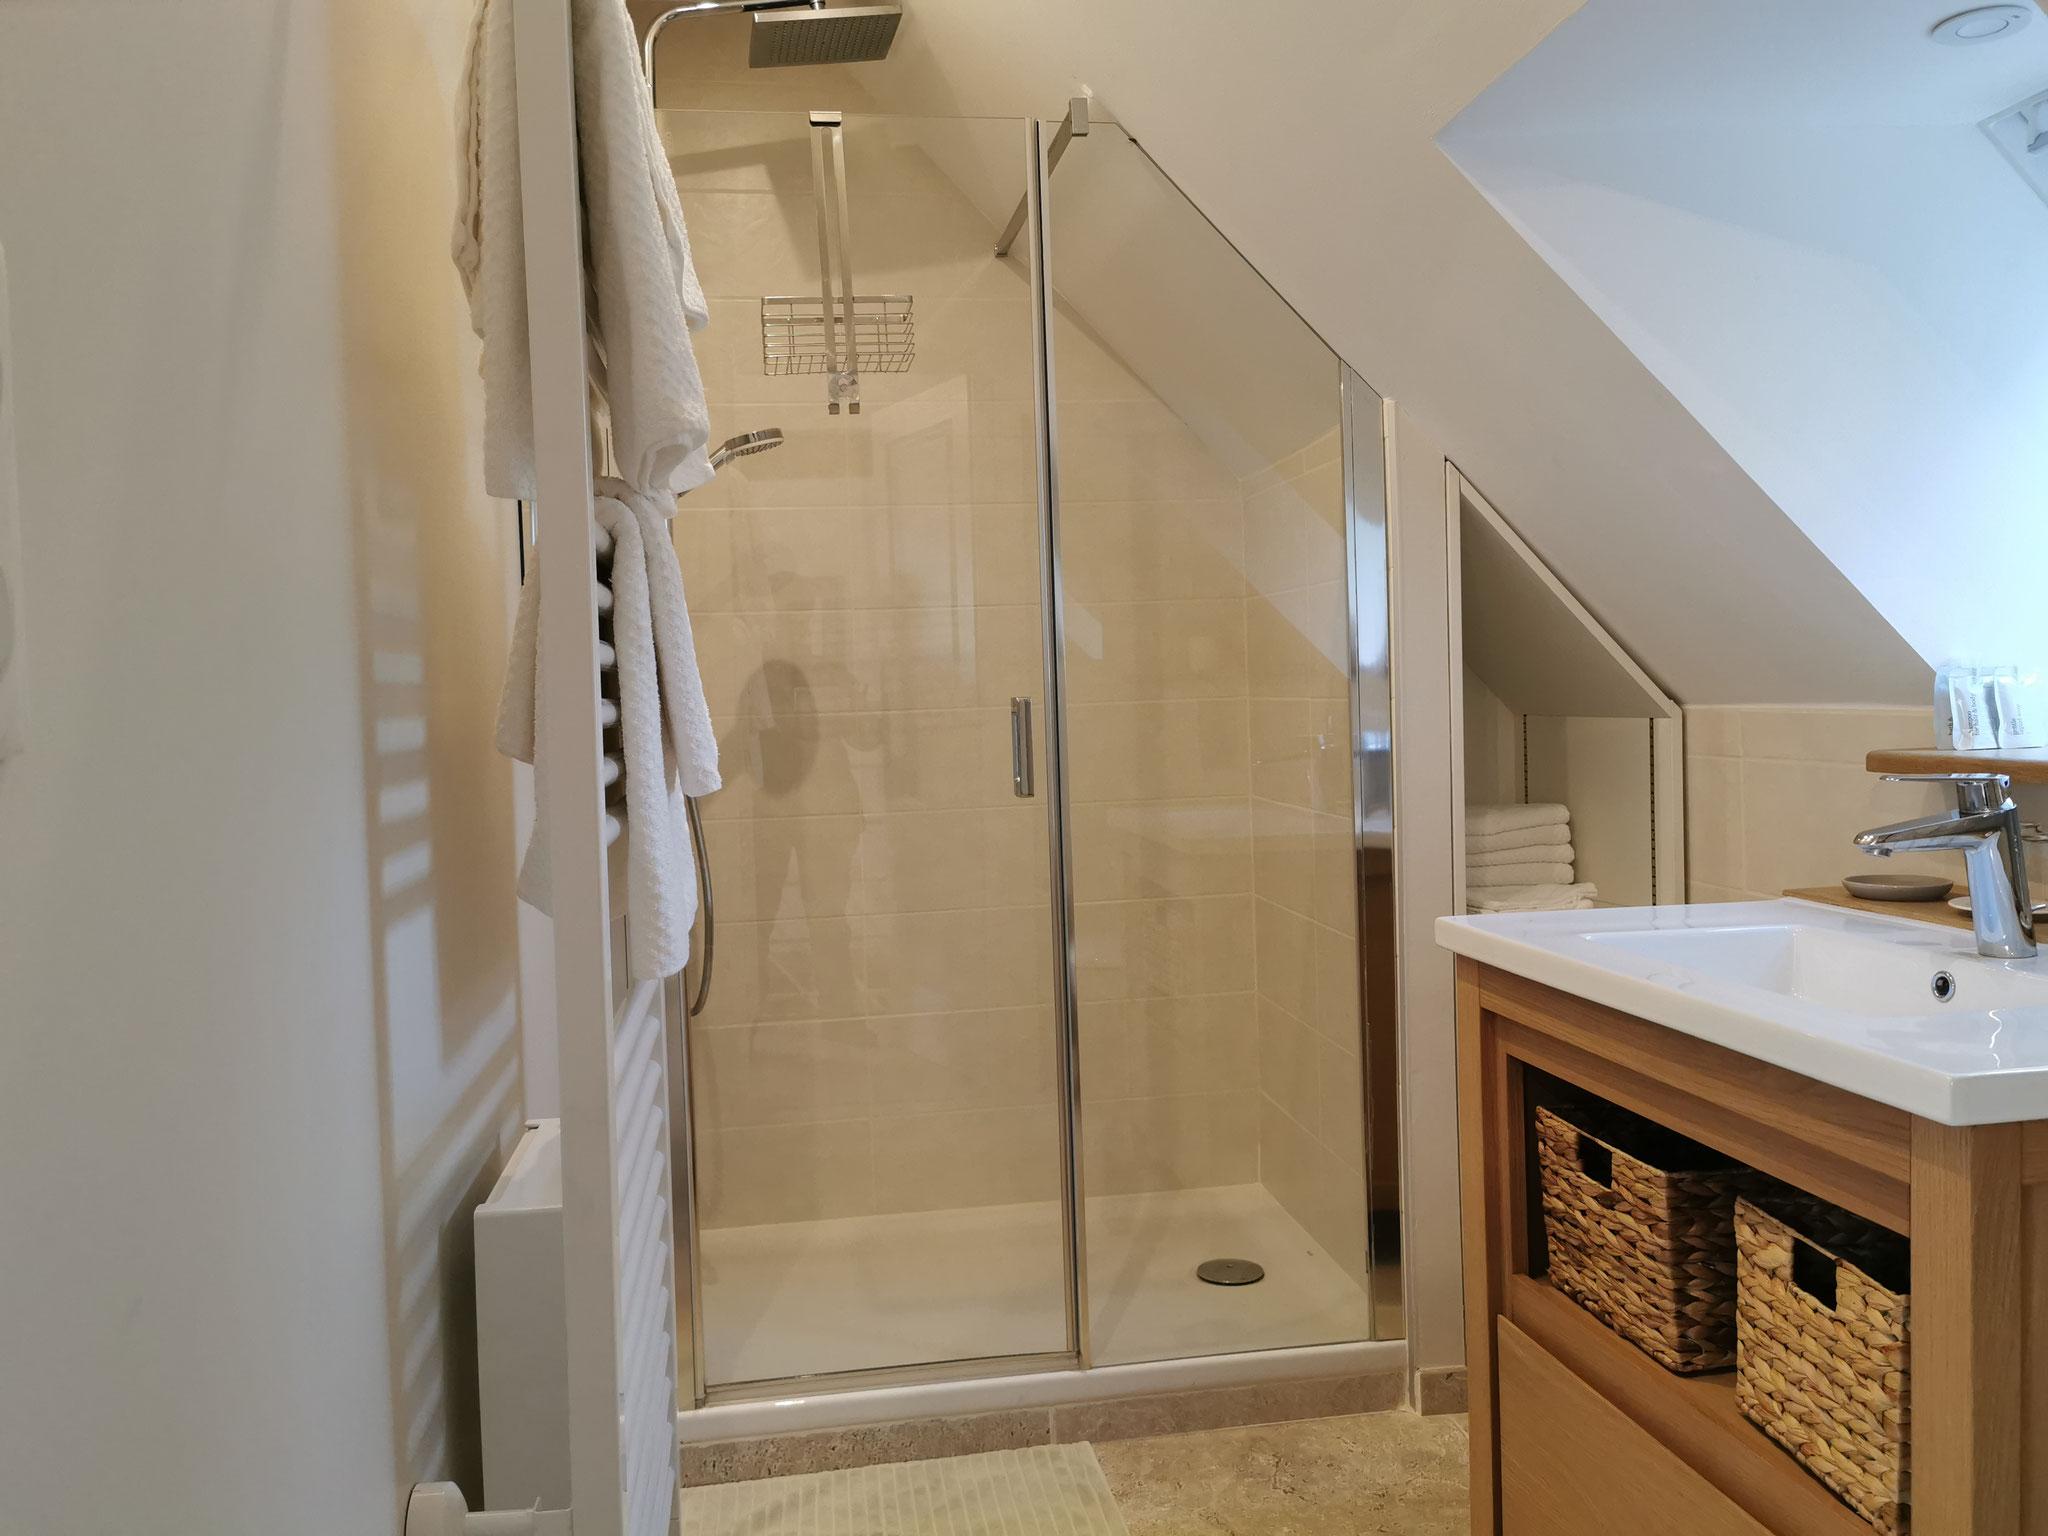 La Suite de l'Atelier: salle d'eau/douche/WC